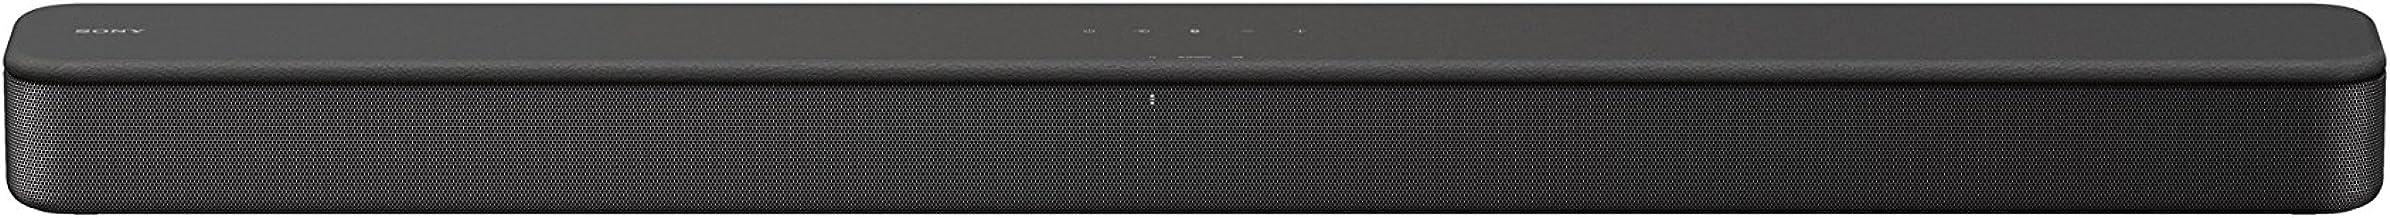 Sony S100F 2.0ch Soundbar with Bass Reflex Speaker,...